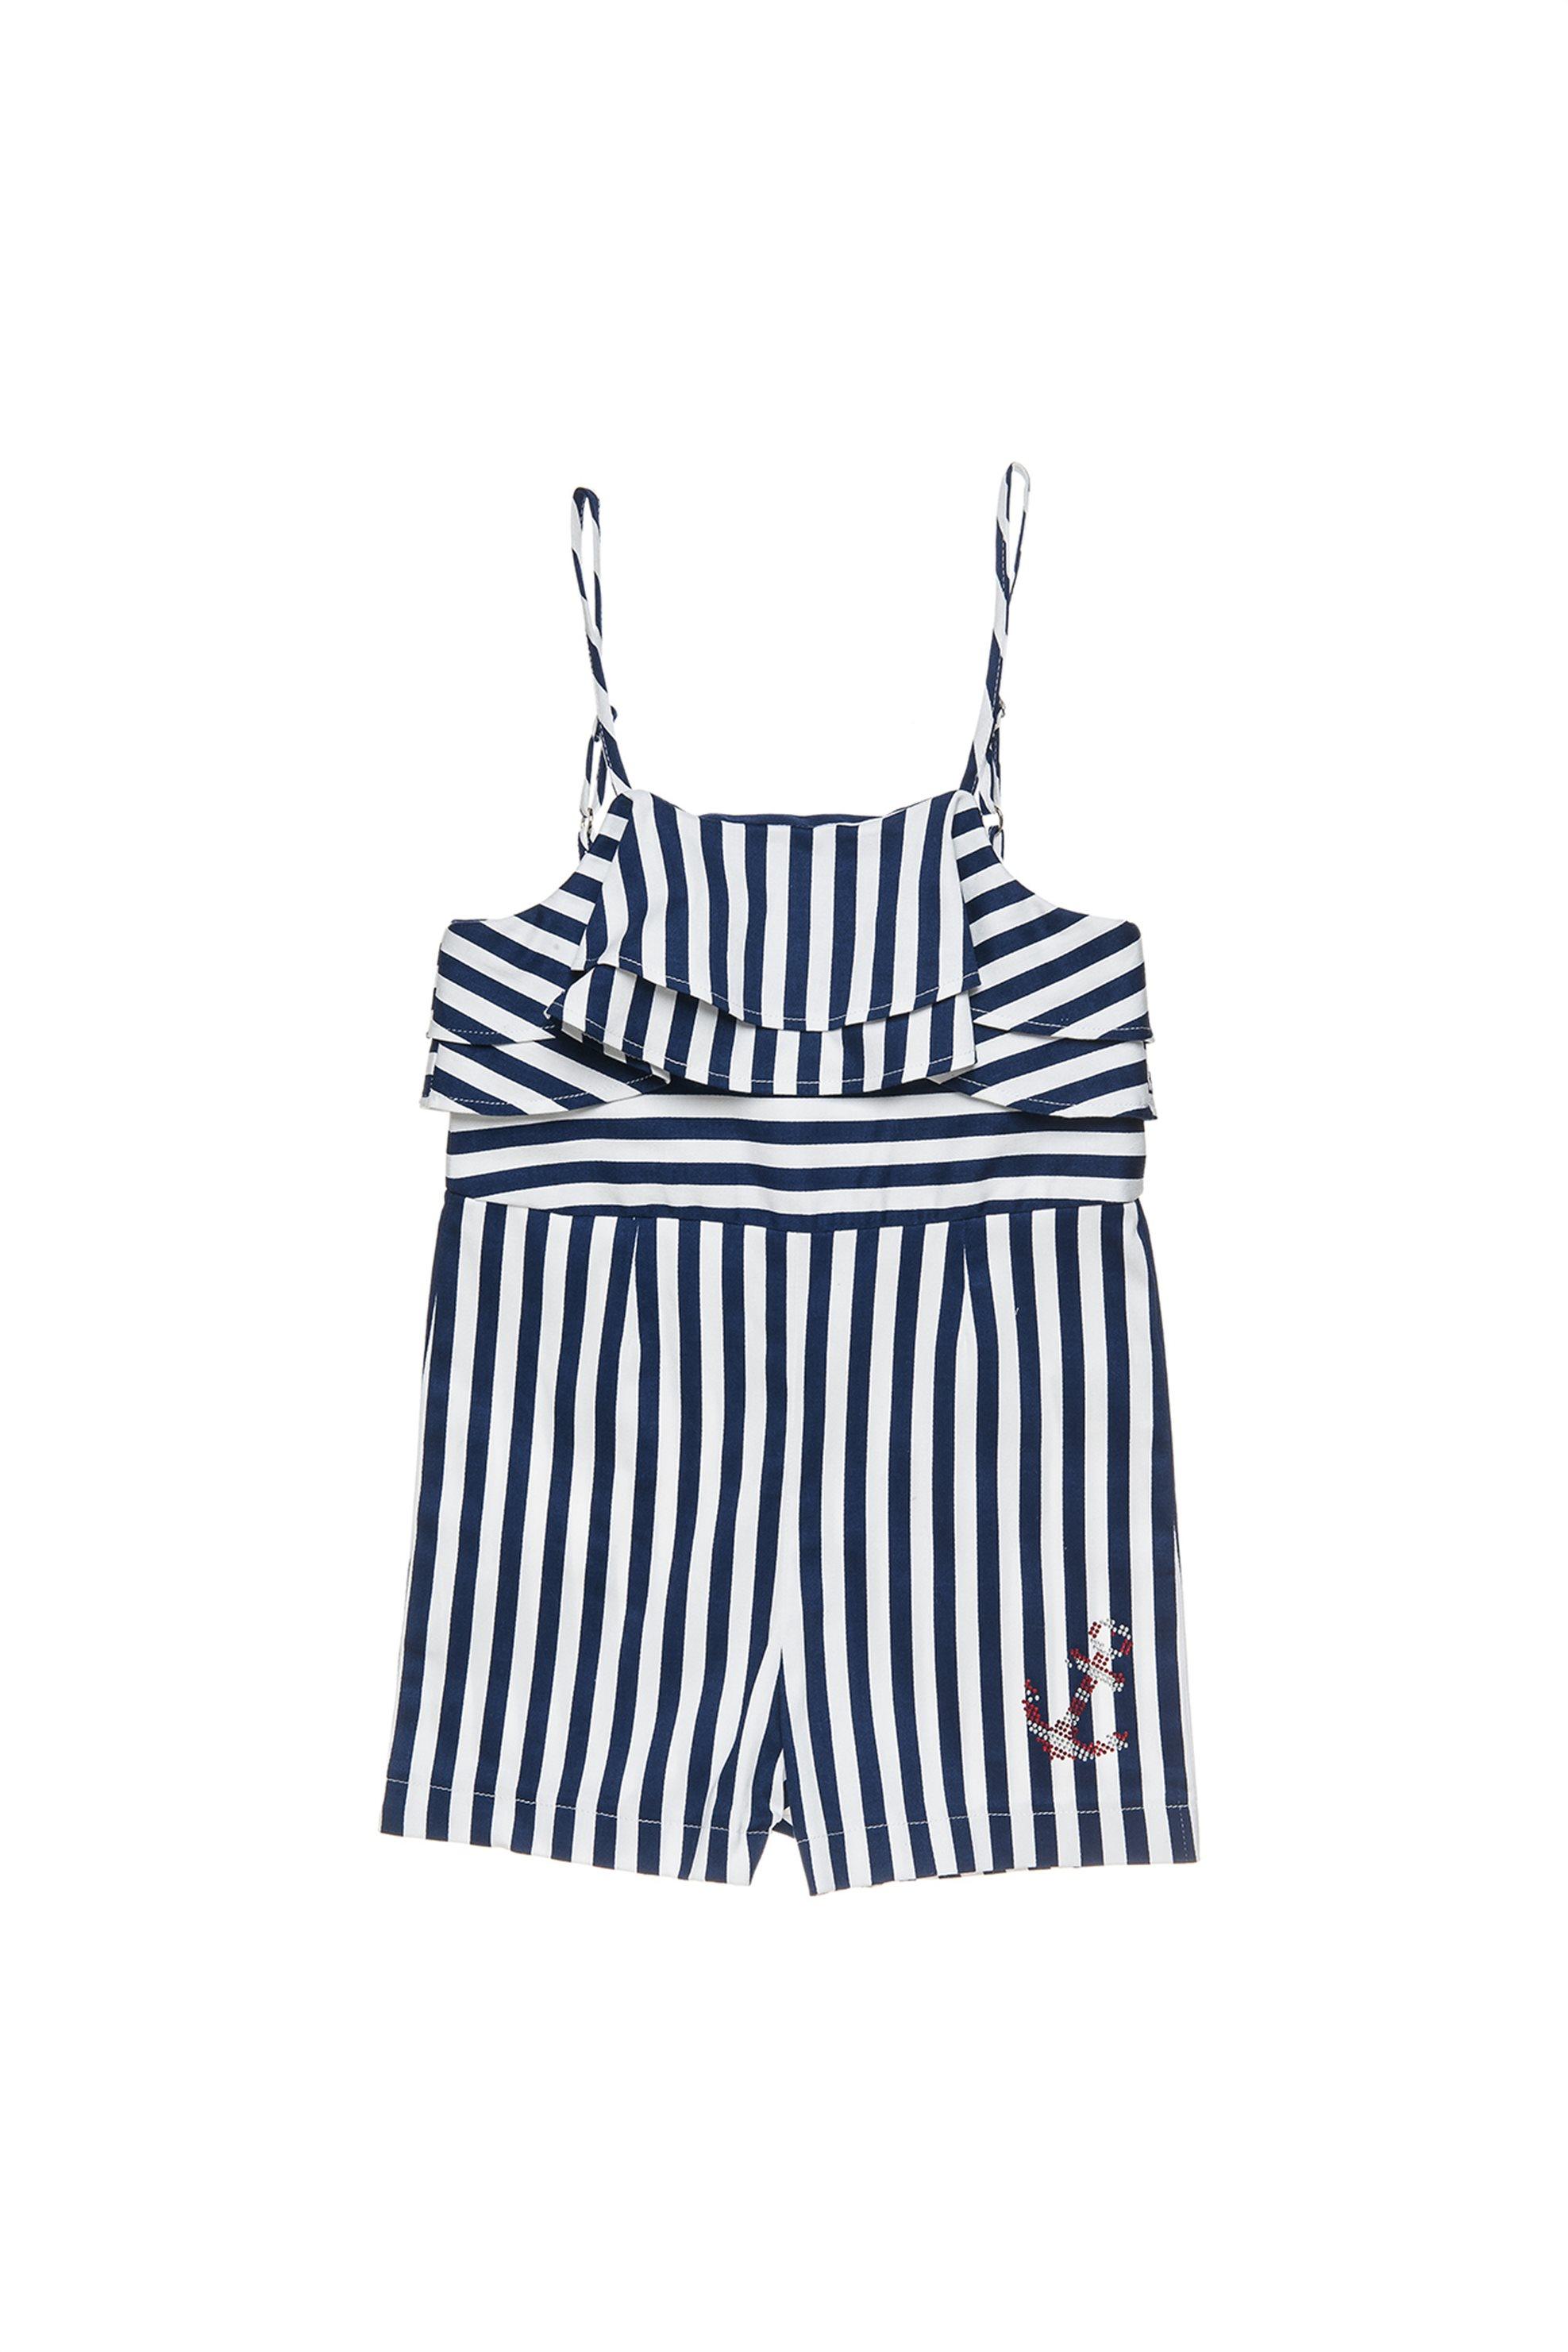 Παιδική σαλοπέτα με ρίγες Alouette - 00912686 - Λευκό - Μπλε παιδι   κοριτσι   4 14 ετων   tops   παντελόνια   σαλοπέτες